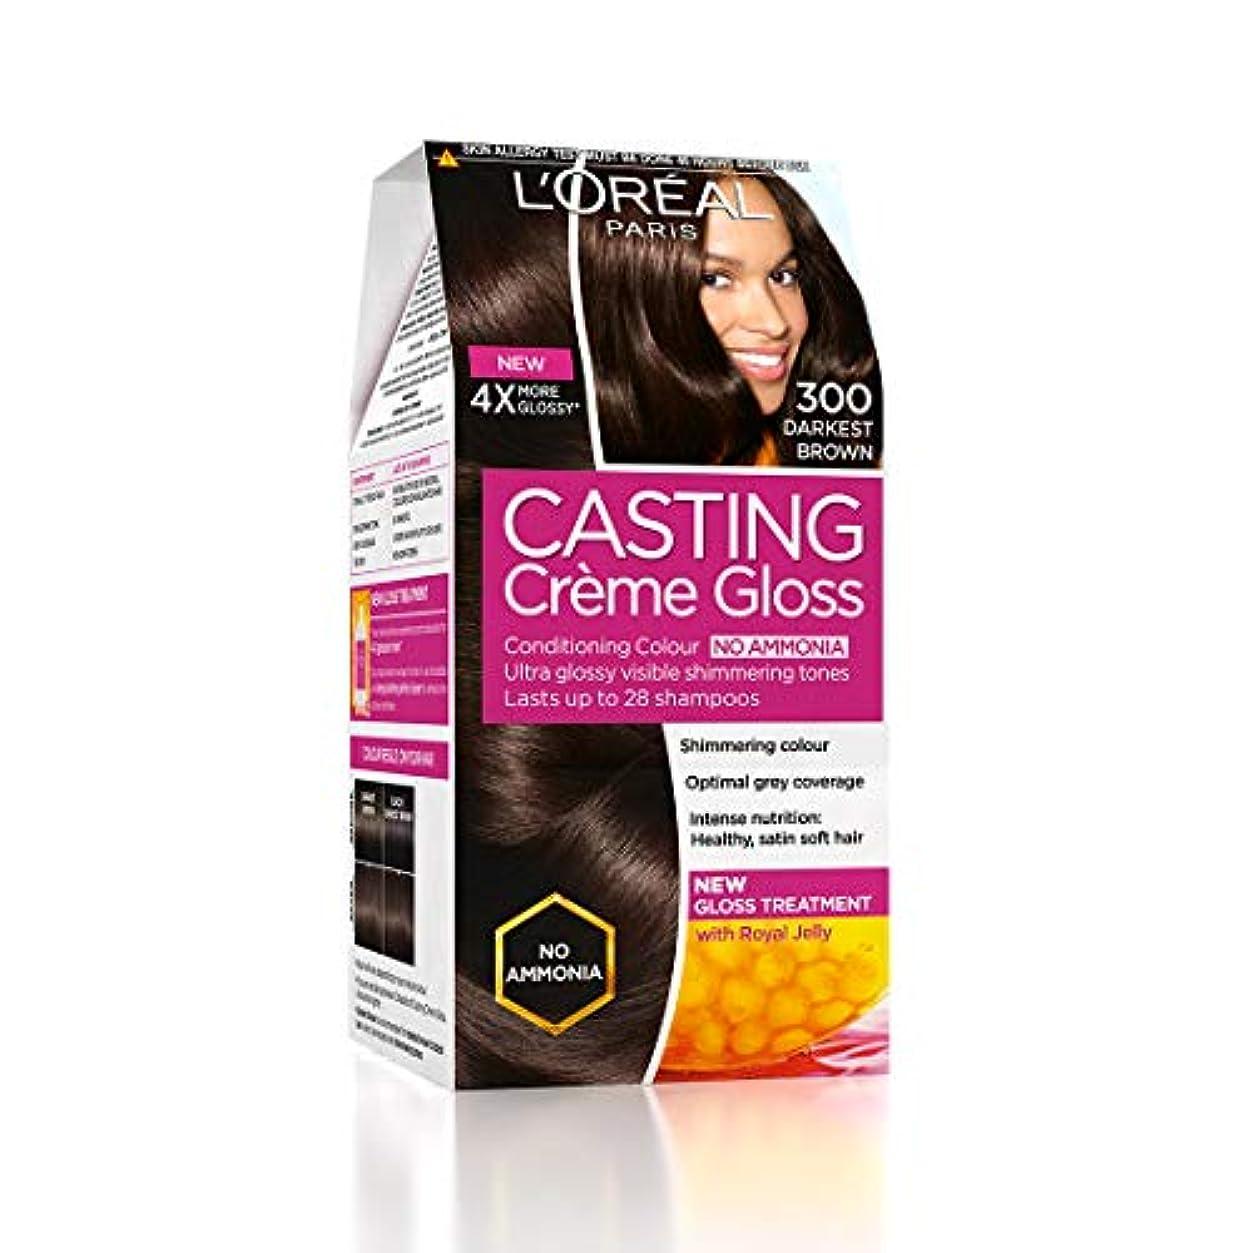 最初にレタス何でもL'Oreal Paris Casting Creme Gloss Hair Color, Darkest Brown 300, 87.5g+72ml